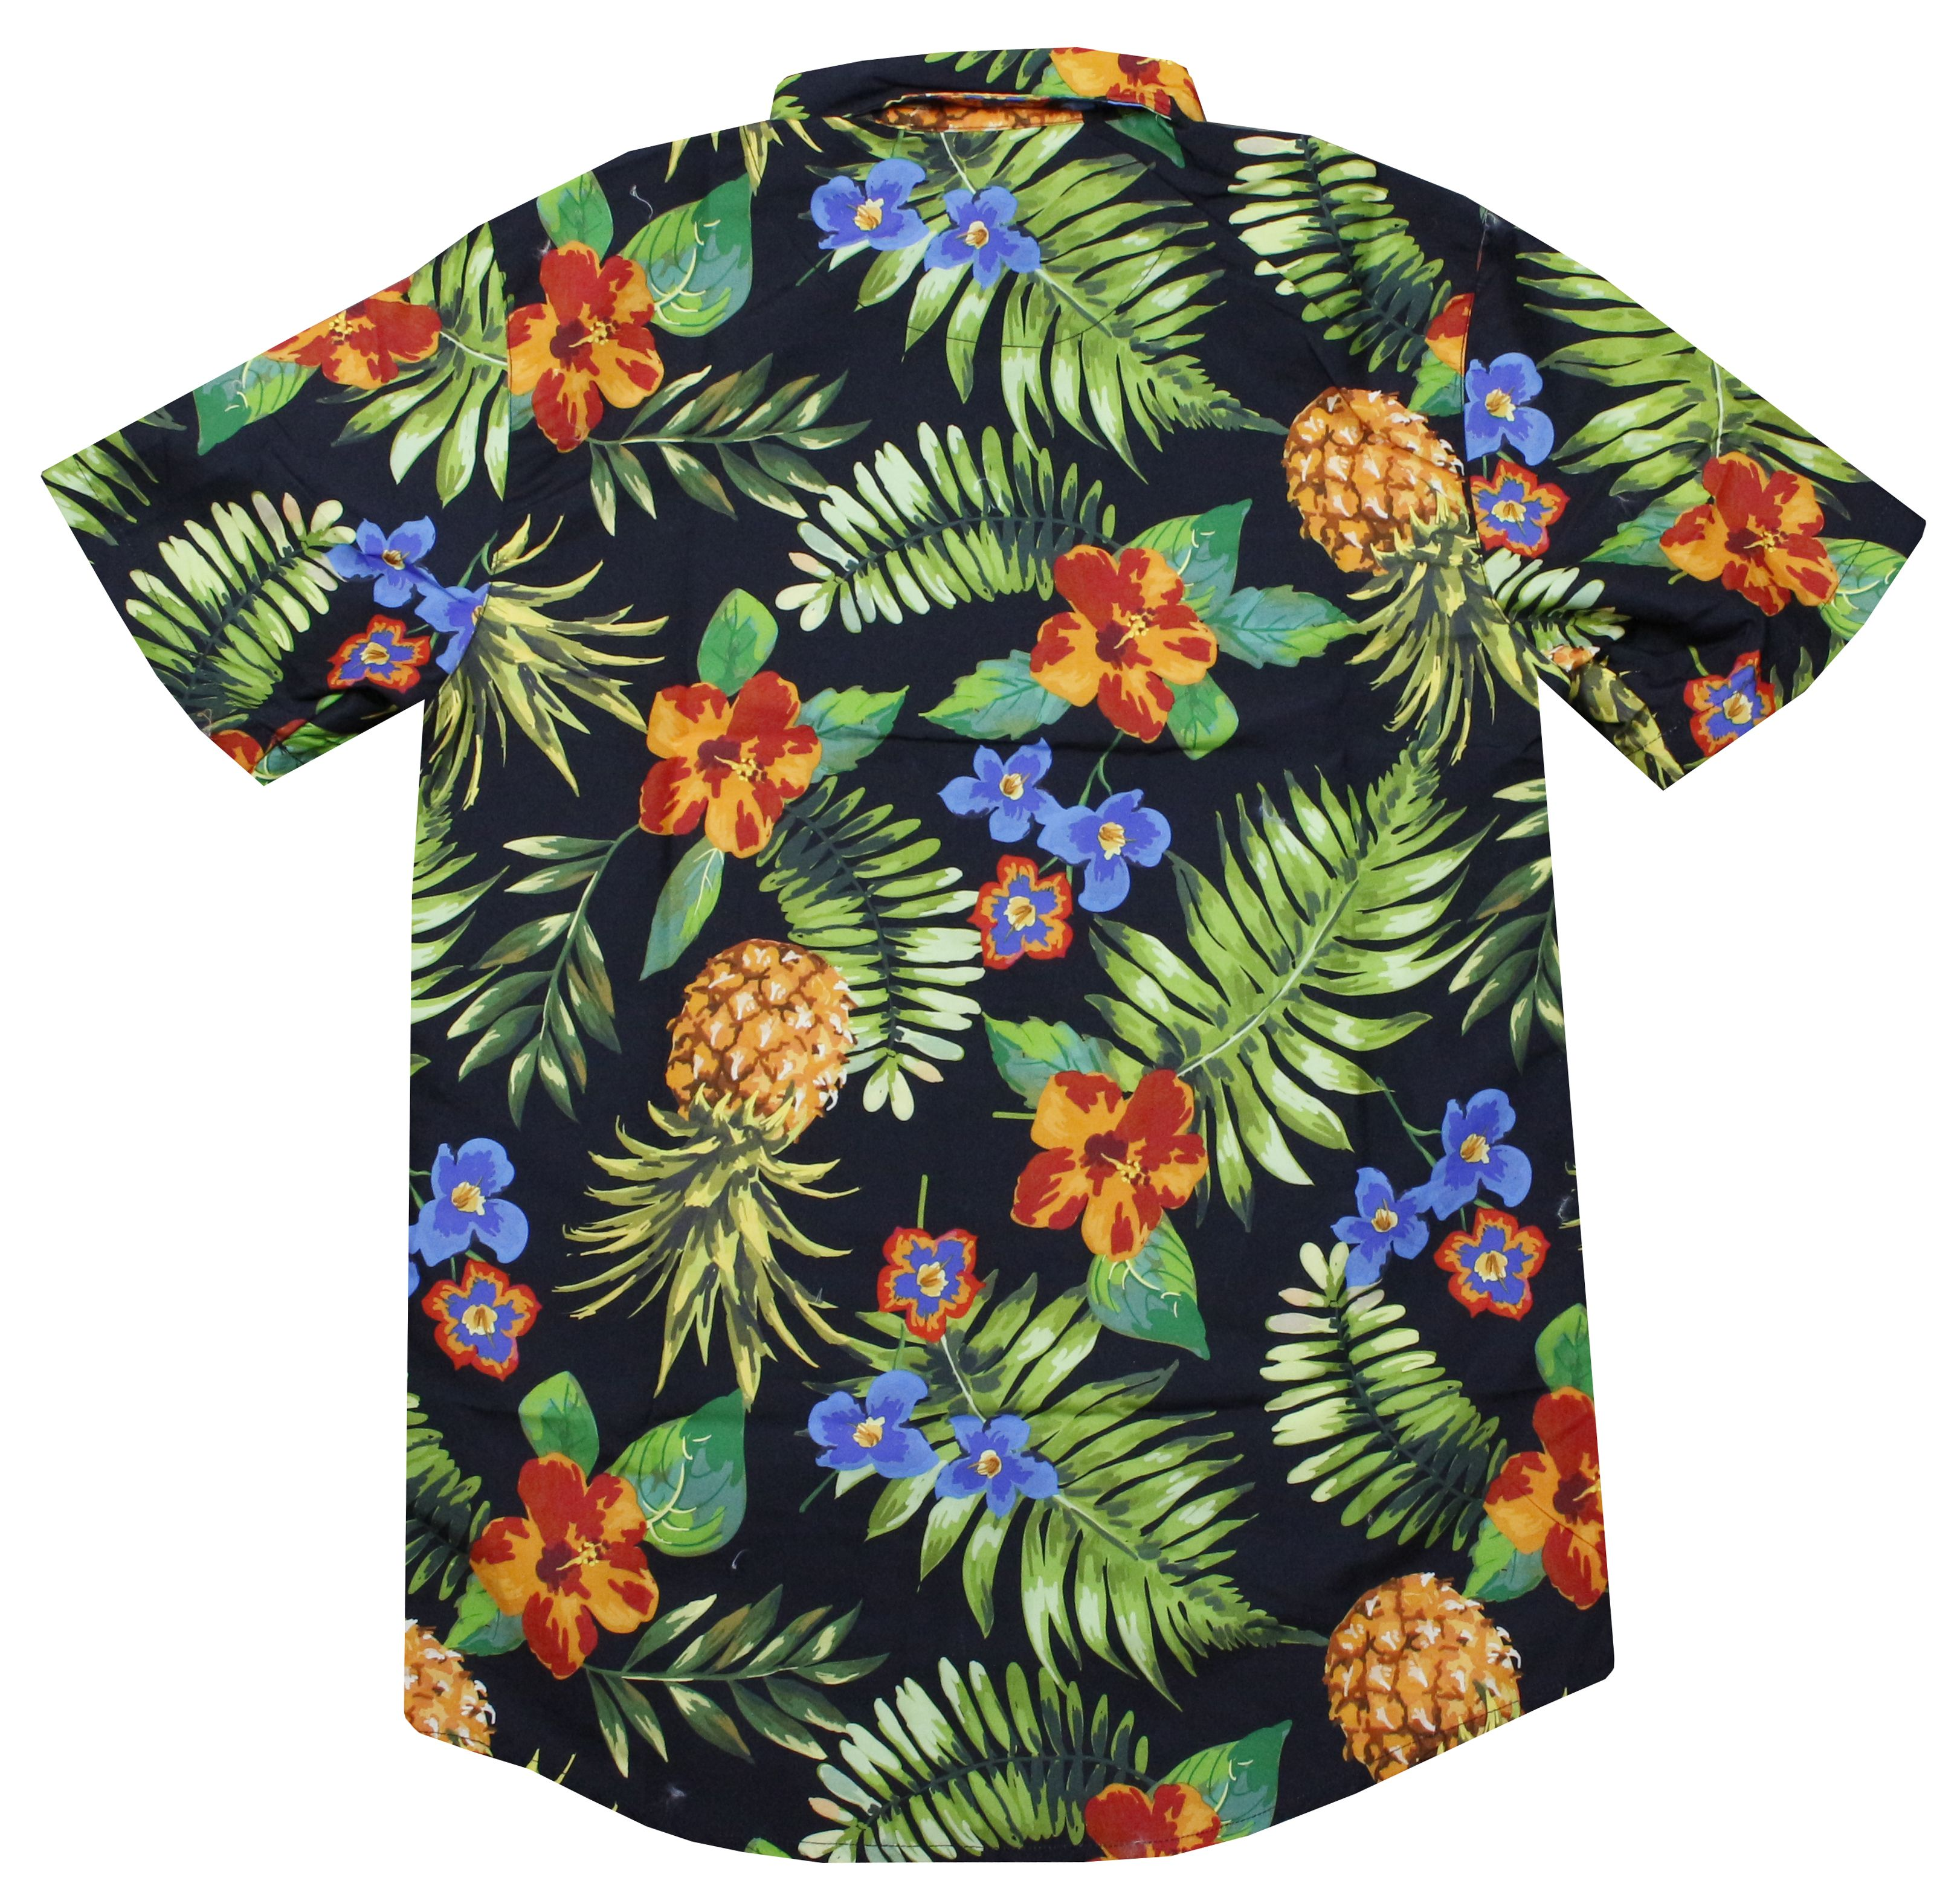 e8de715cfc24 Men39s Go Hard Paris Gucci Parody Goyard Print Tee Shirt t